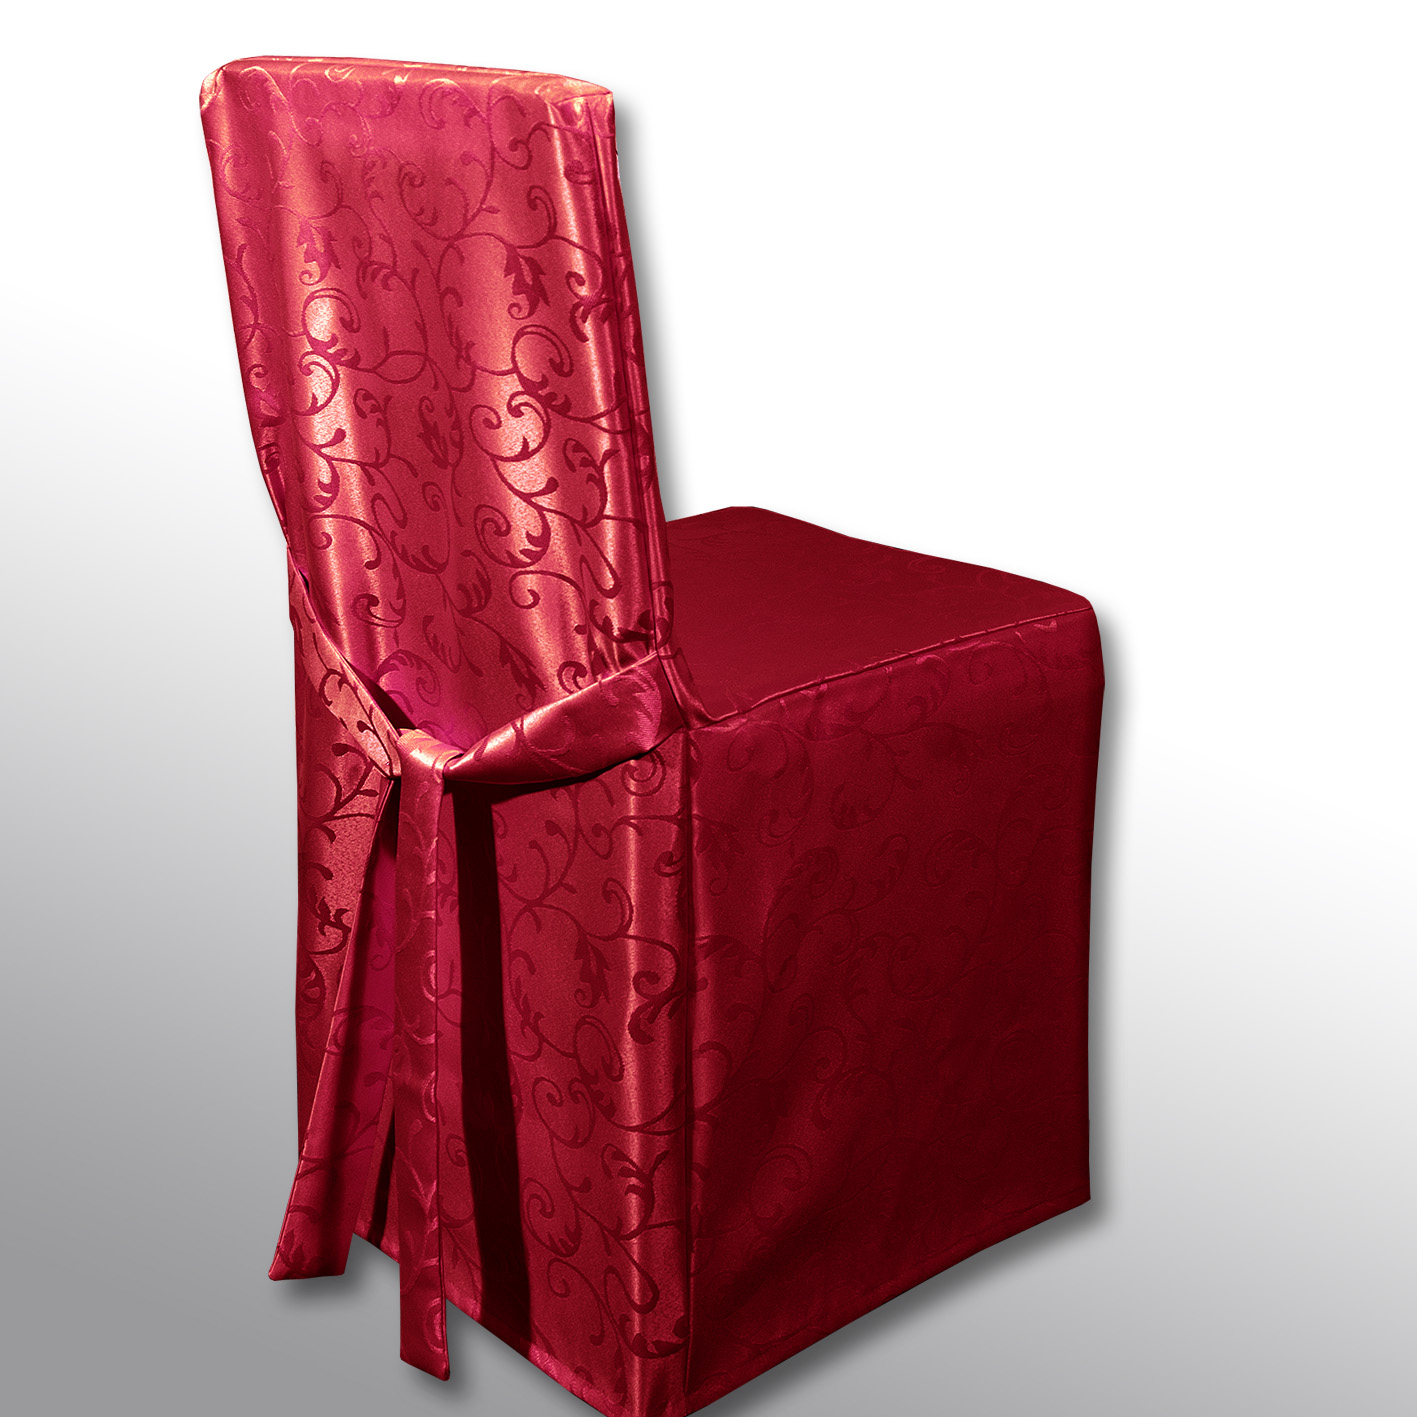 Чехол на стул Schaefer, цвет: красный, 45 х 45 х 45 см2/8-2Чехол на стул Schaefer выполнен из полиэстера с красивым узором. На спинке чехол завязывается на завязки. Предназначен для классического стула со спинкой. Такой чехол изысканно дополнит интерьер вашего дома.